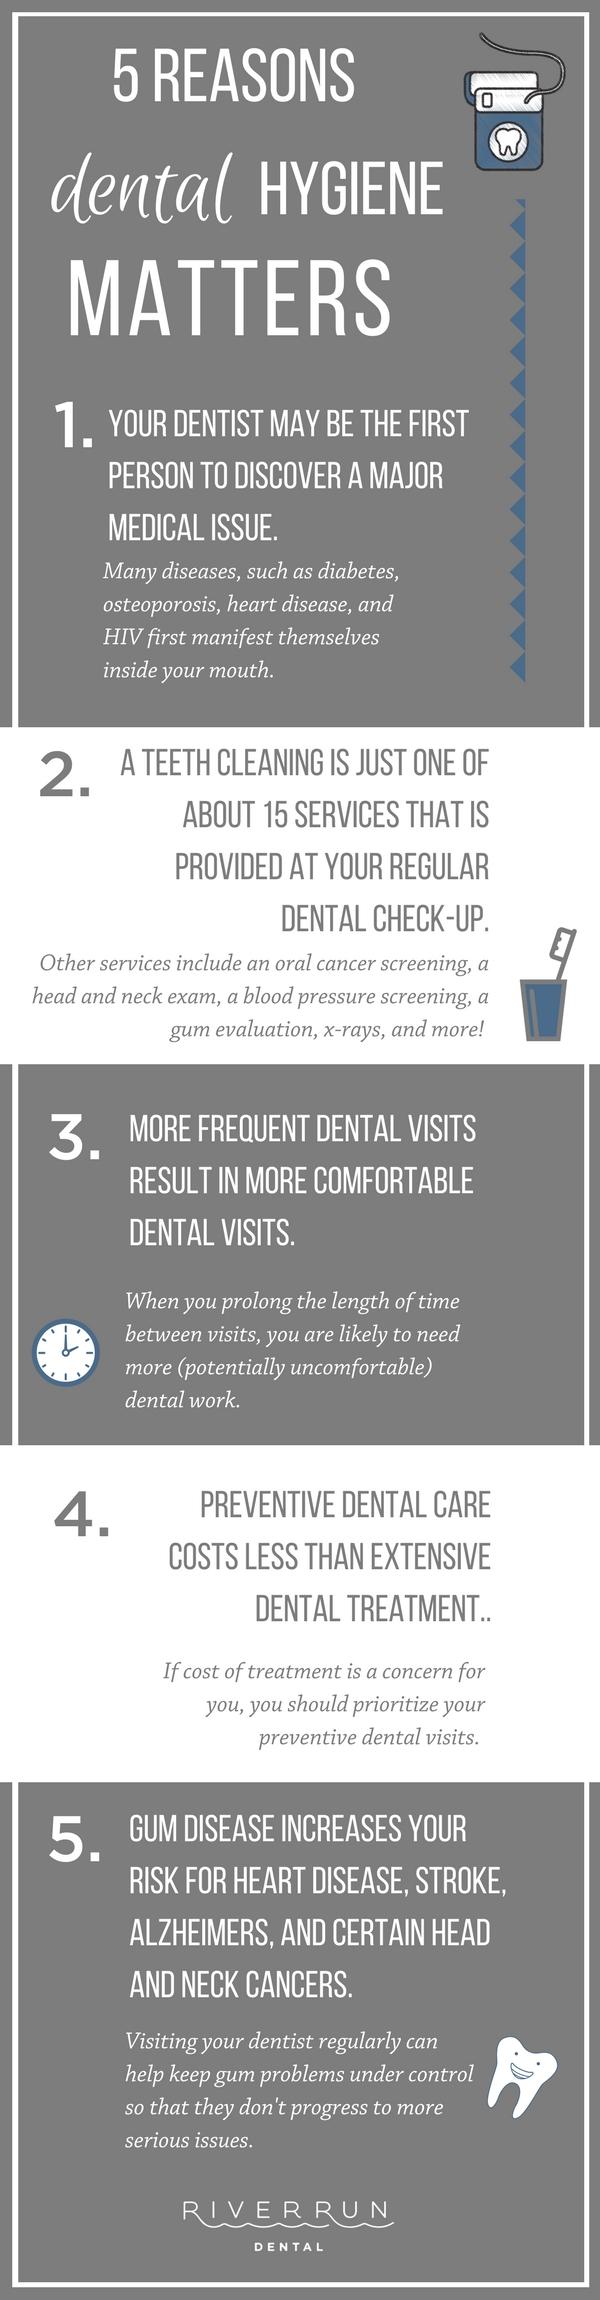 The Dental Hub | River Run Dental